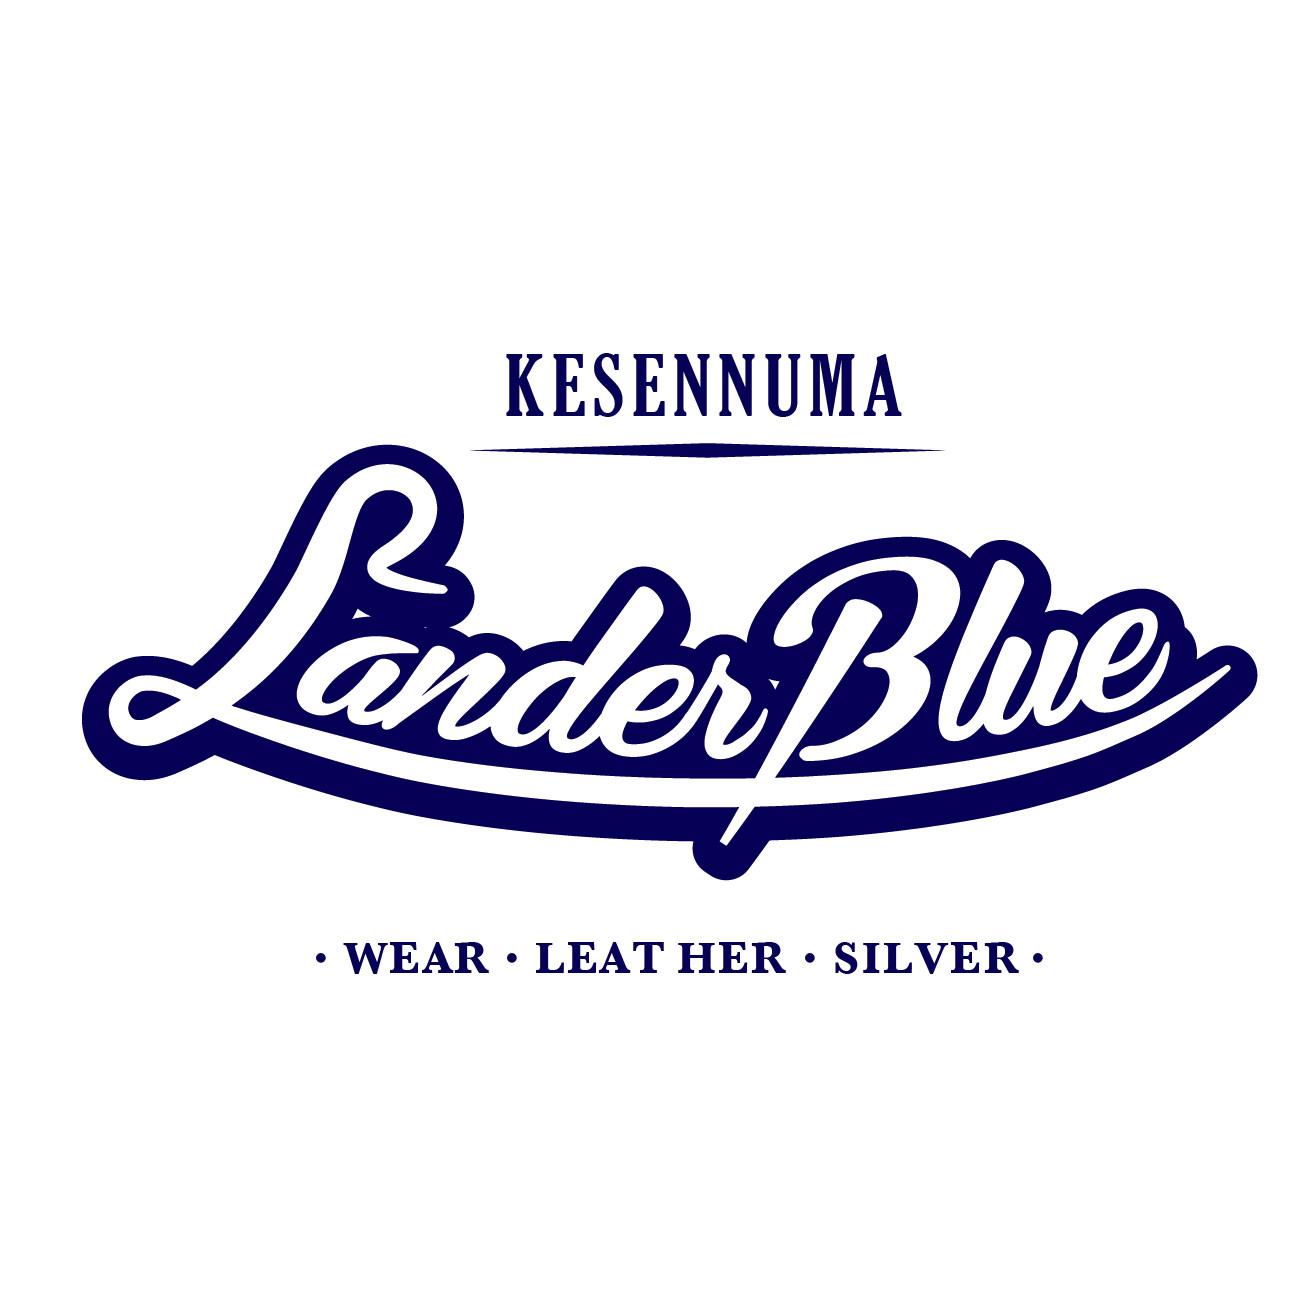 気仙沼 ランダーブルー(Lander Blue)